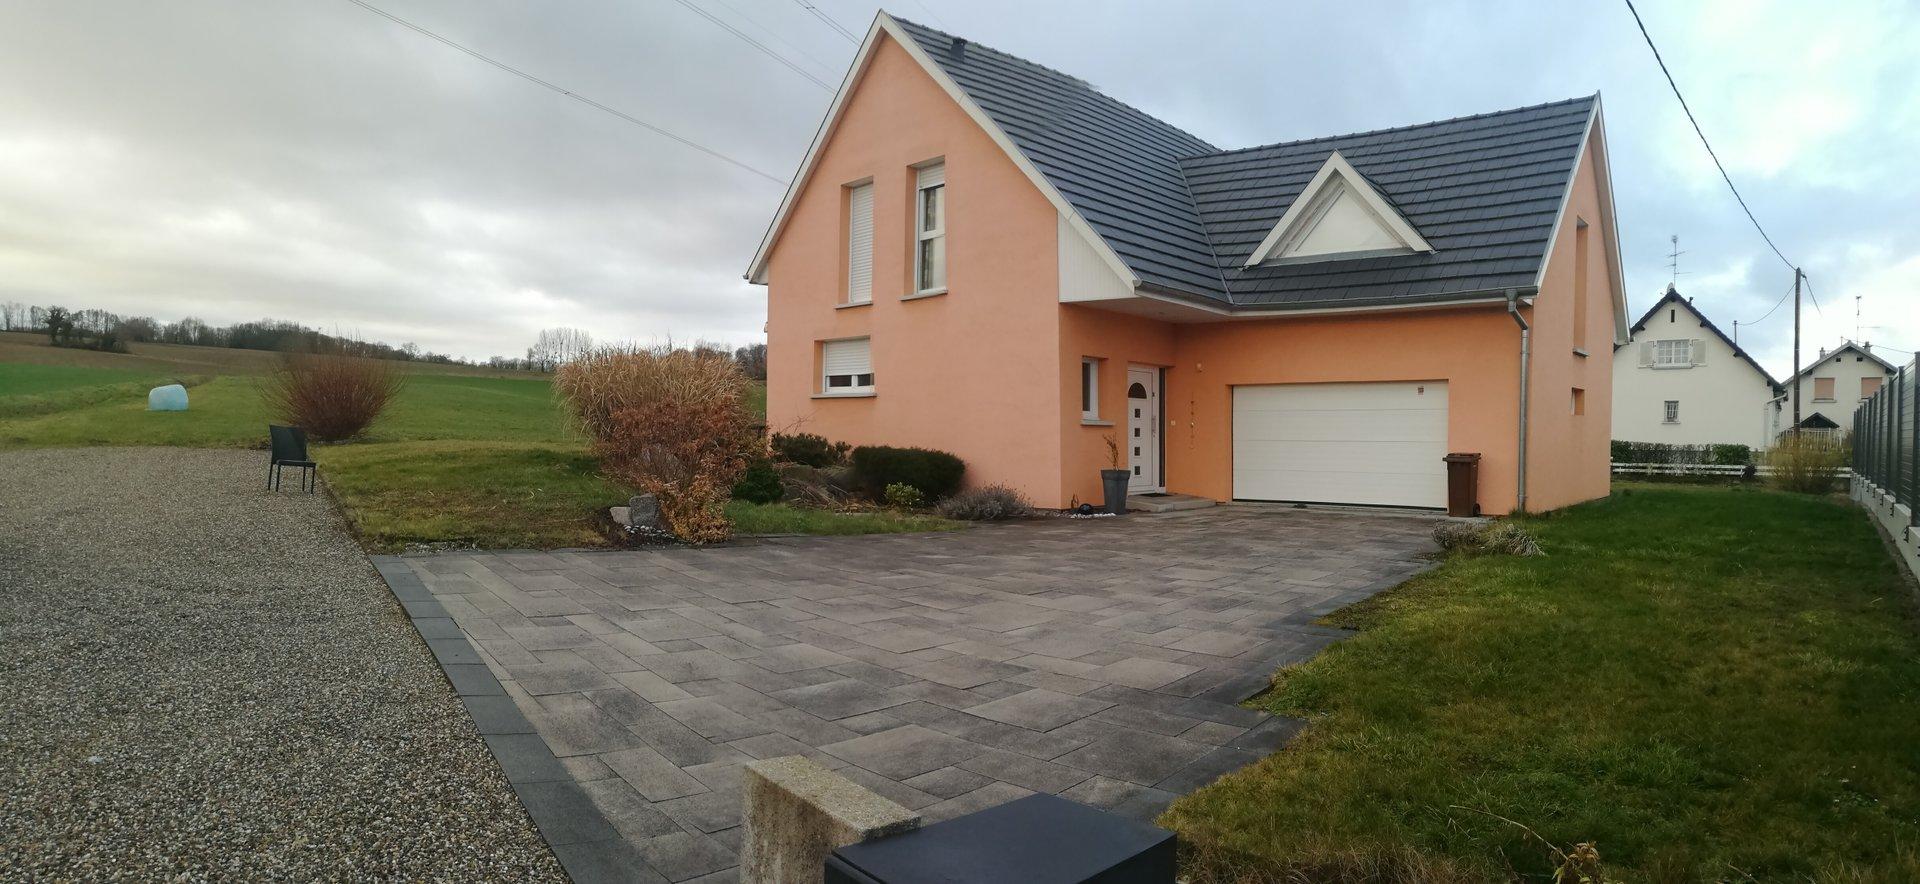 Maison à louer à FRANKEN